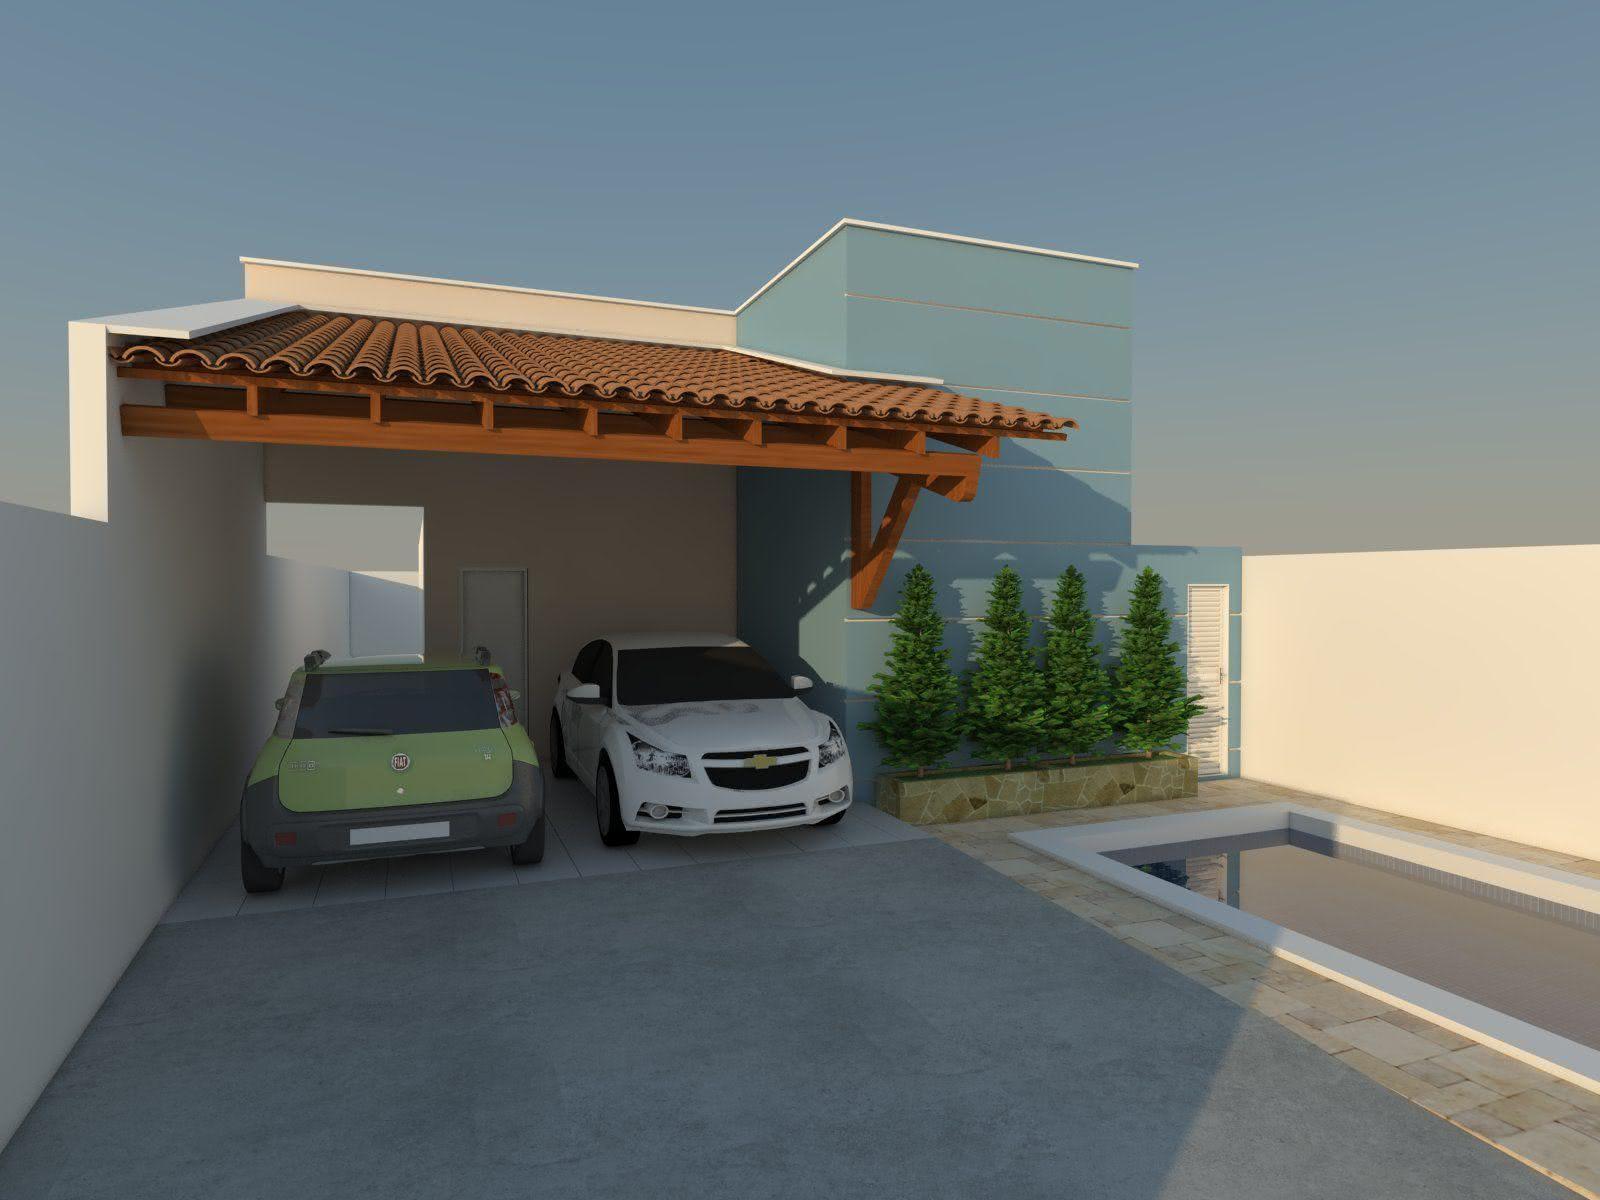 50 Modelos De Garagem Para O Seu Projeto Inspire Se